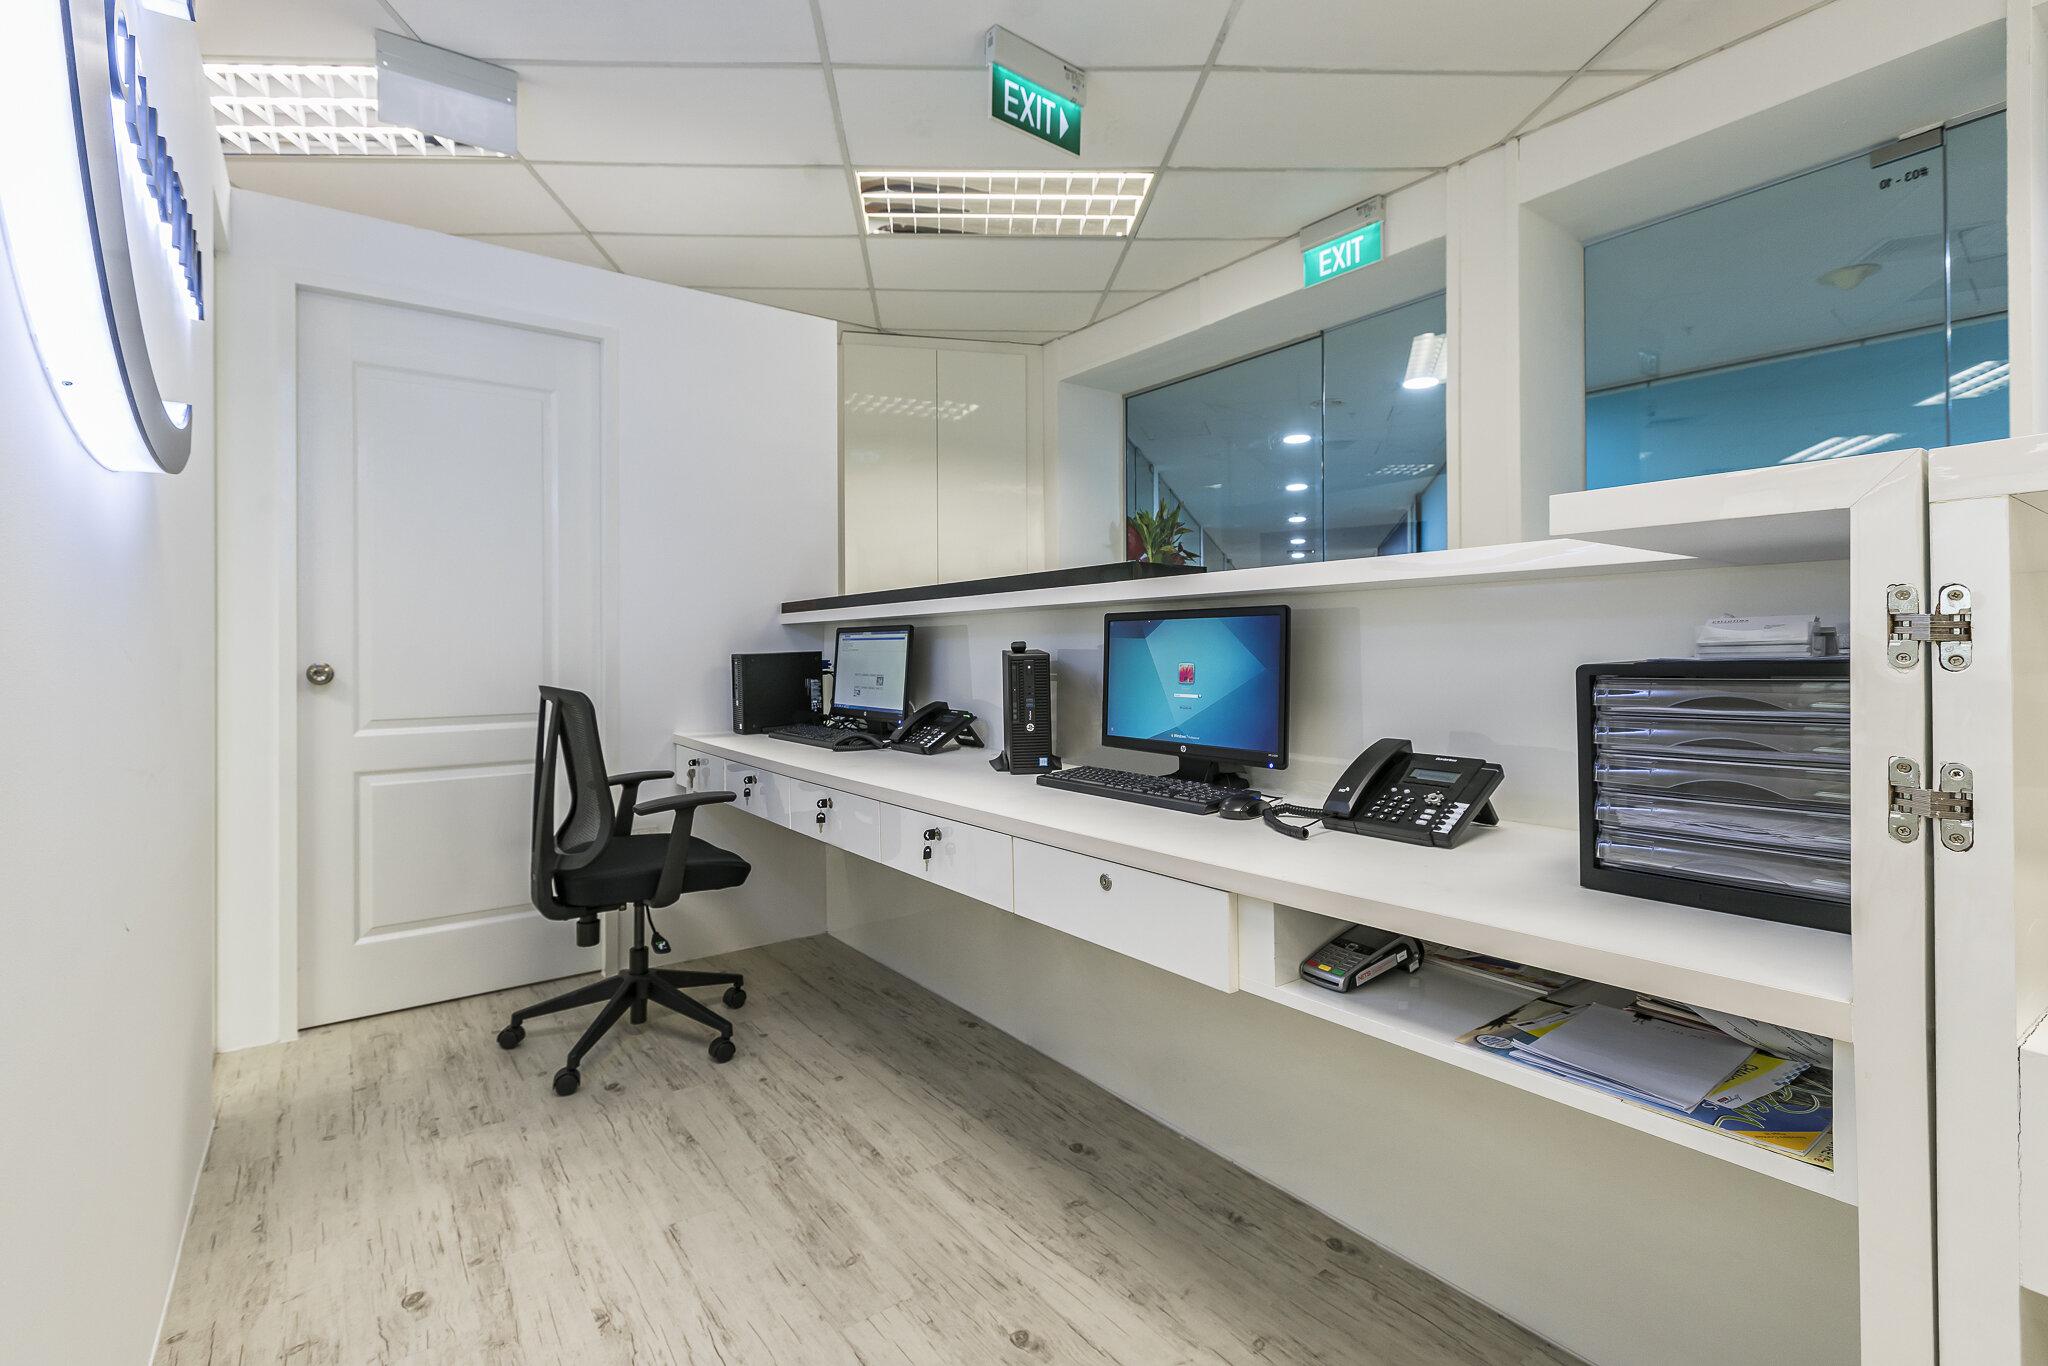 Interior-0004-2.jpg